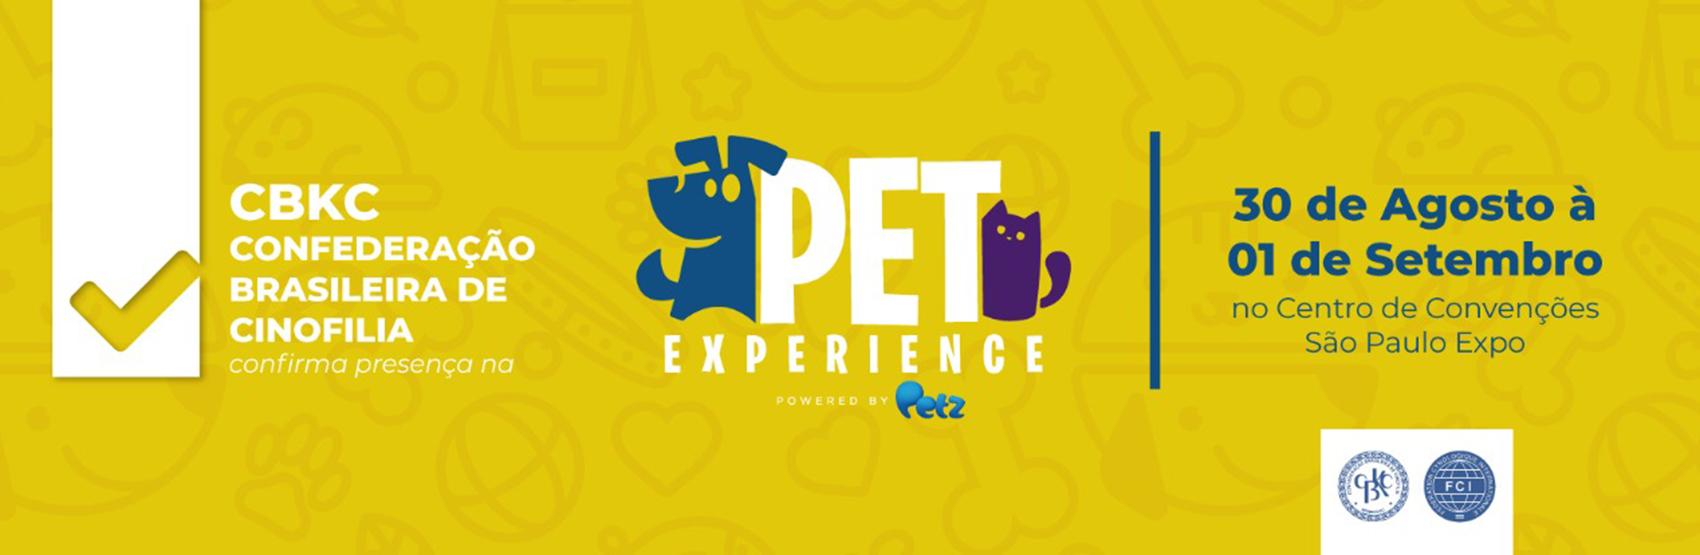 Exposição CBKC - Pet Experience 2019.